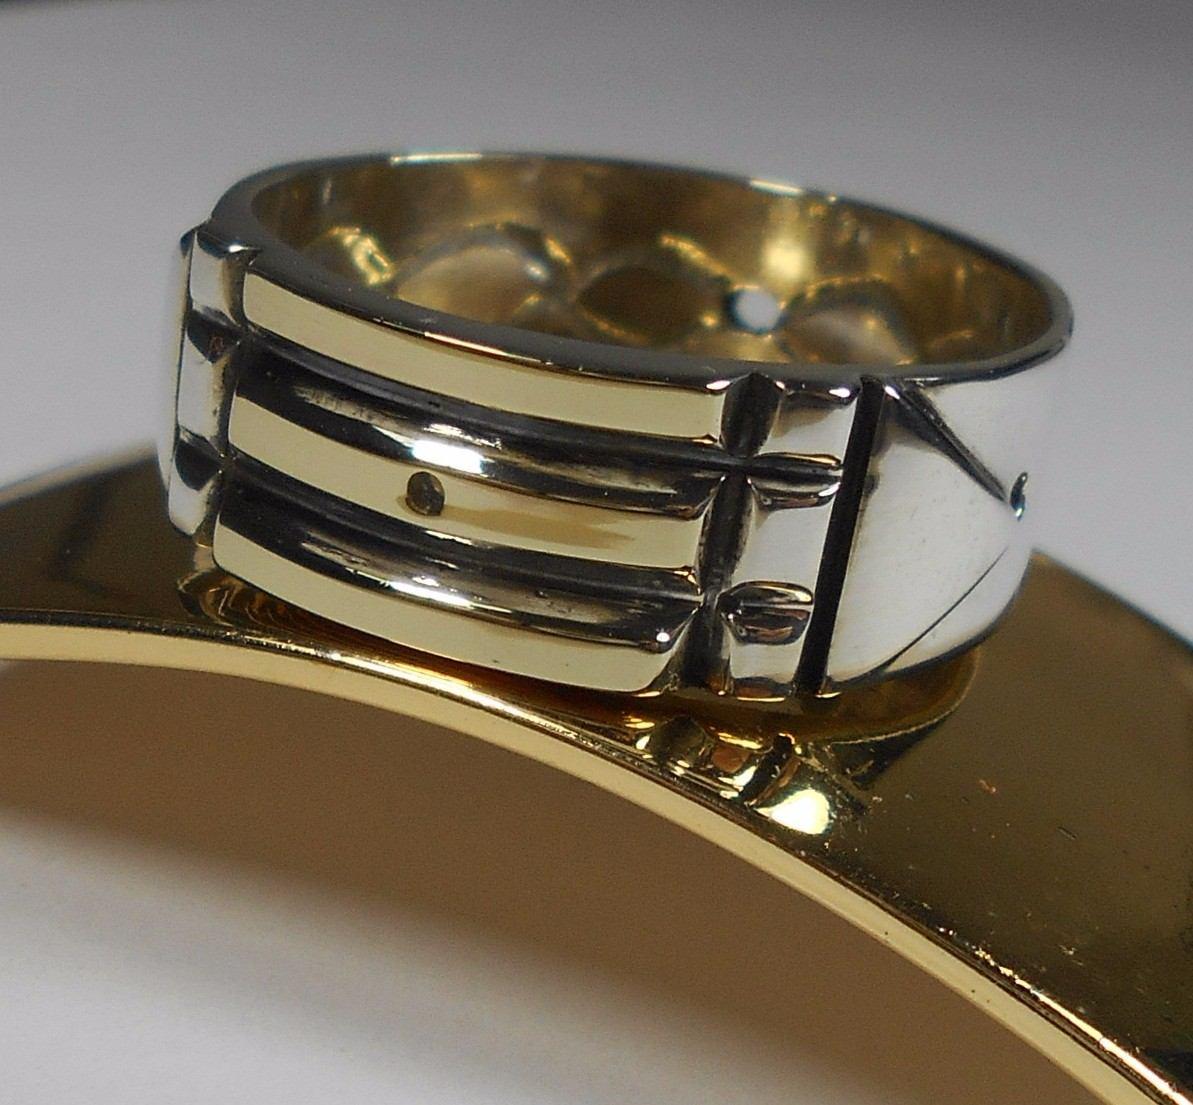 0f72be180c49c anel atlantis egpicio luxor com ouro e prata infinito lindo. Carregando  zoom.